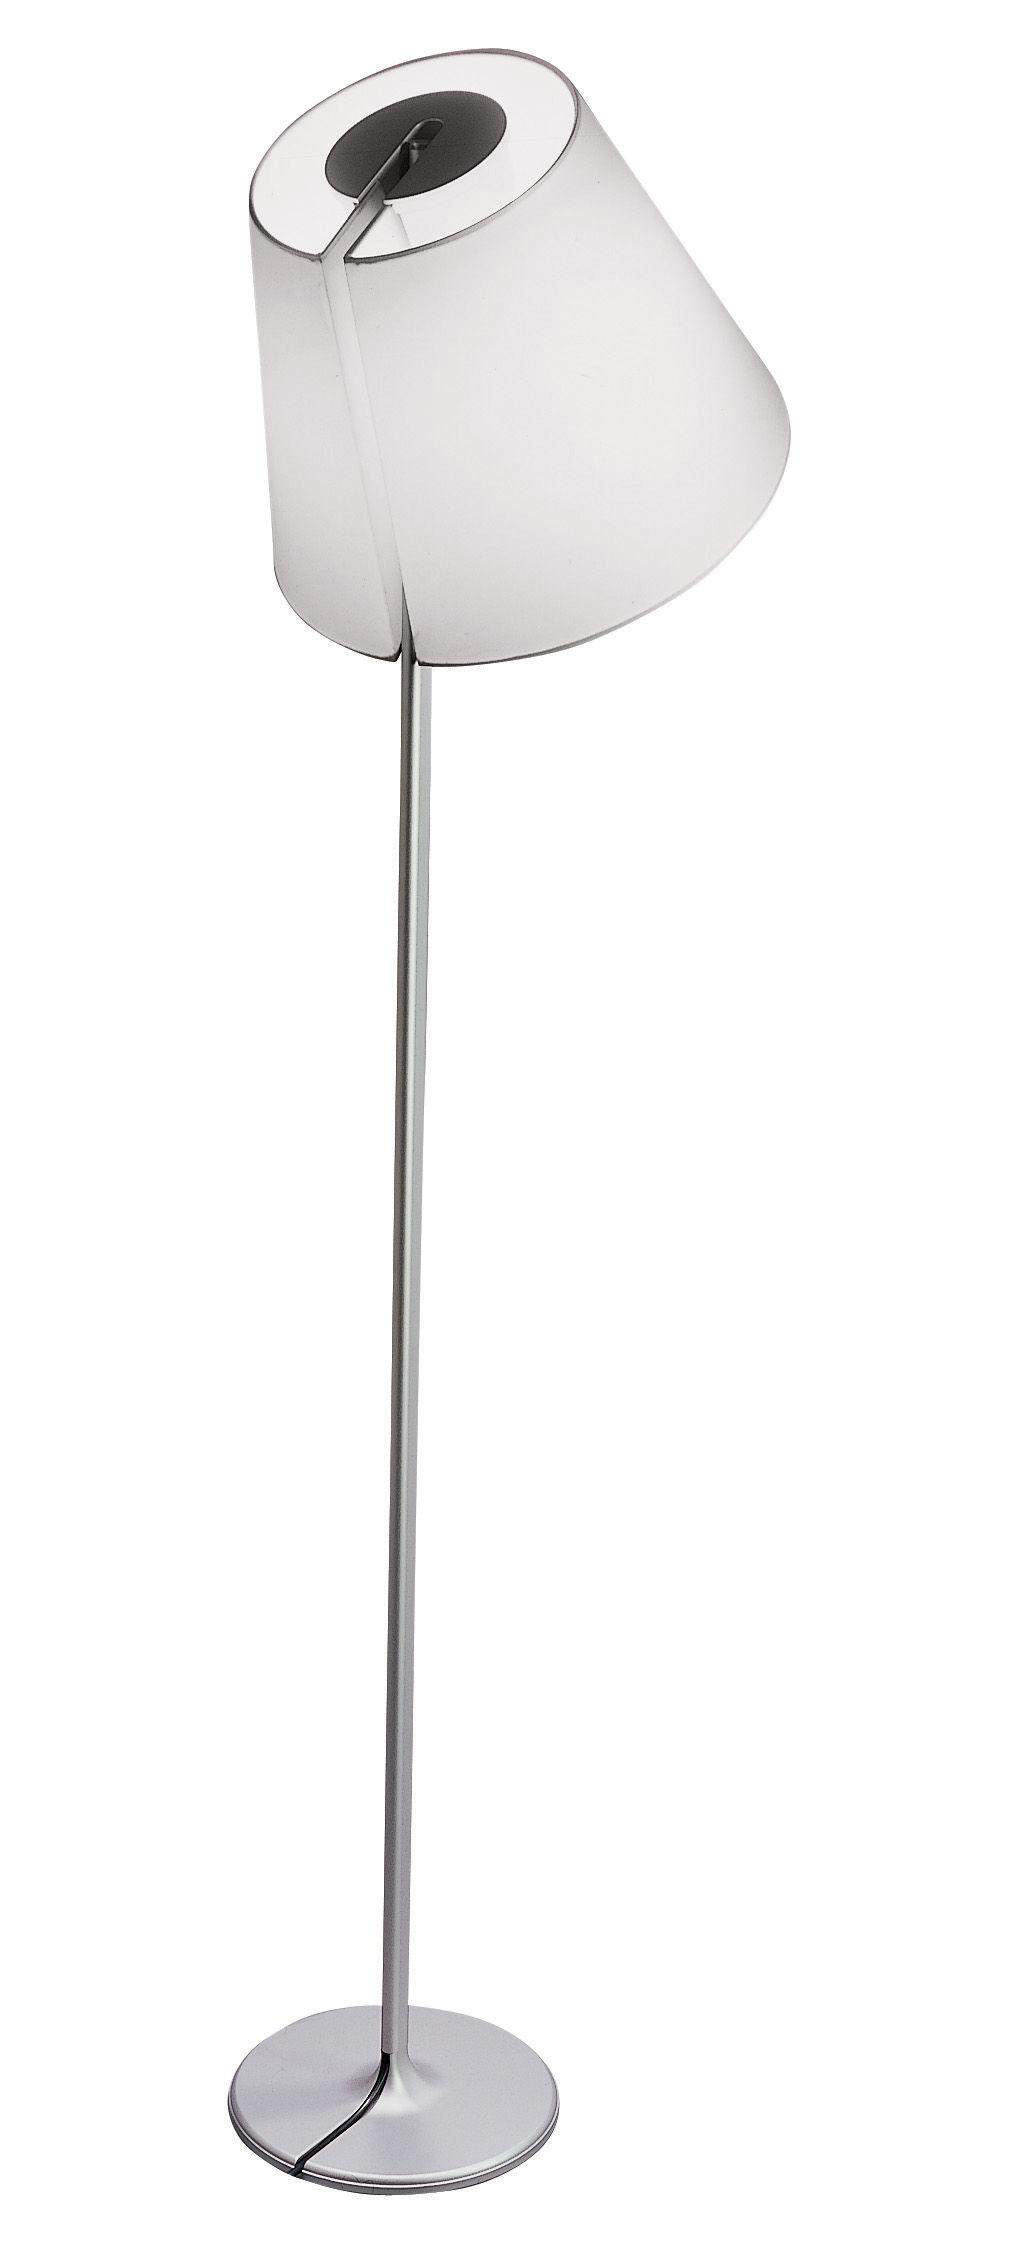 Luminaire - Lampadaires - Lampadaire Melampo Mega / H 217 cm - Artemide - Gris aluminium - Aluminium, Tissu